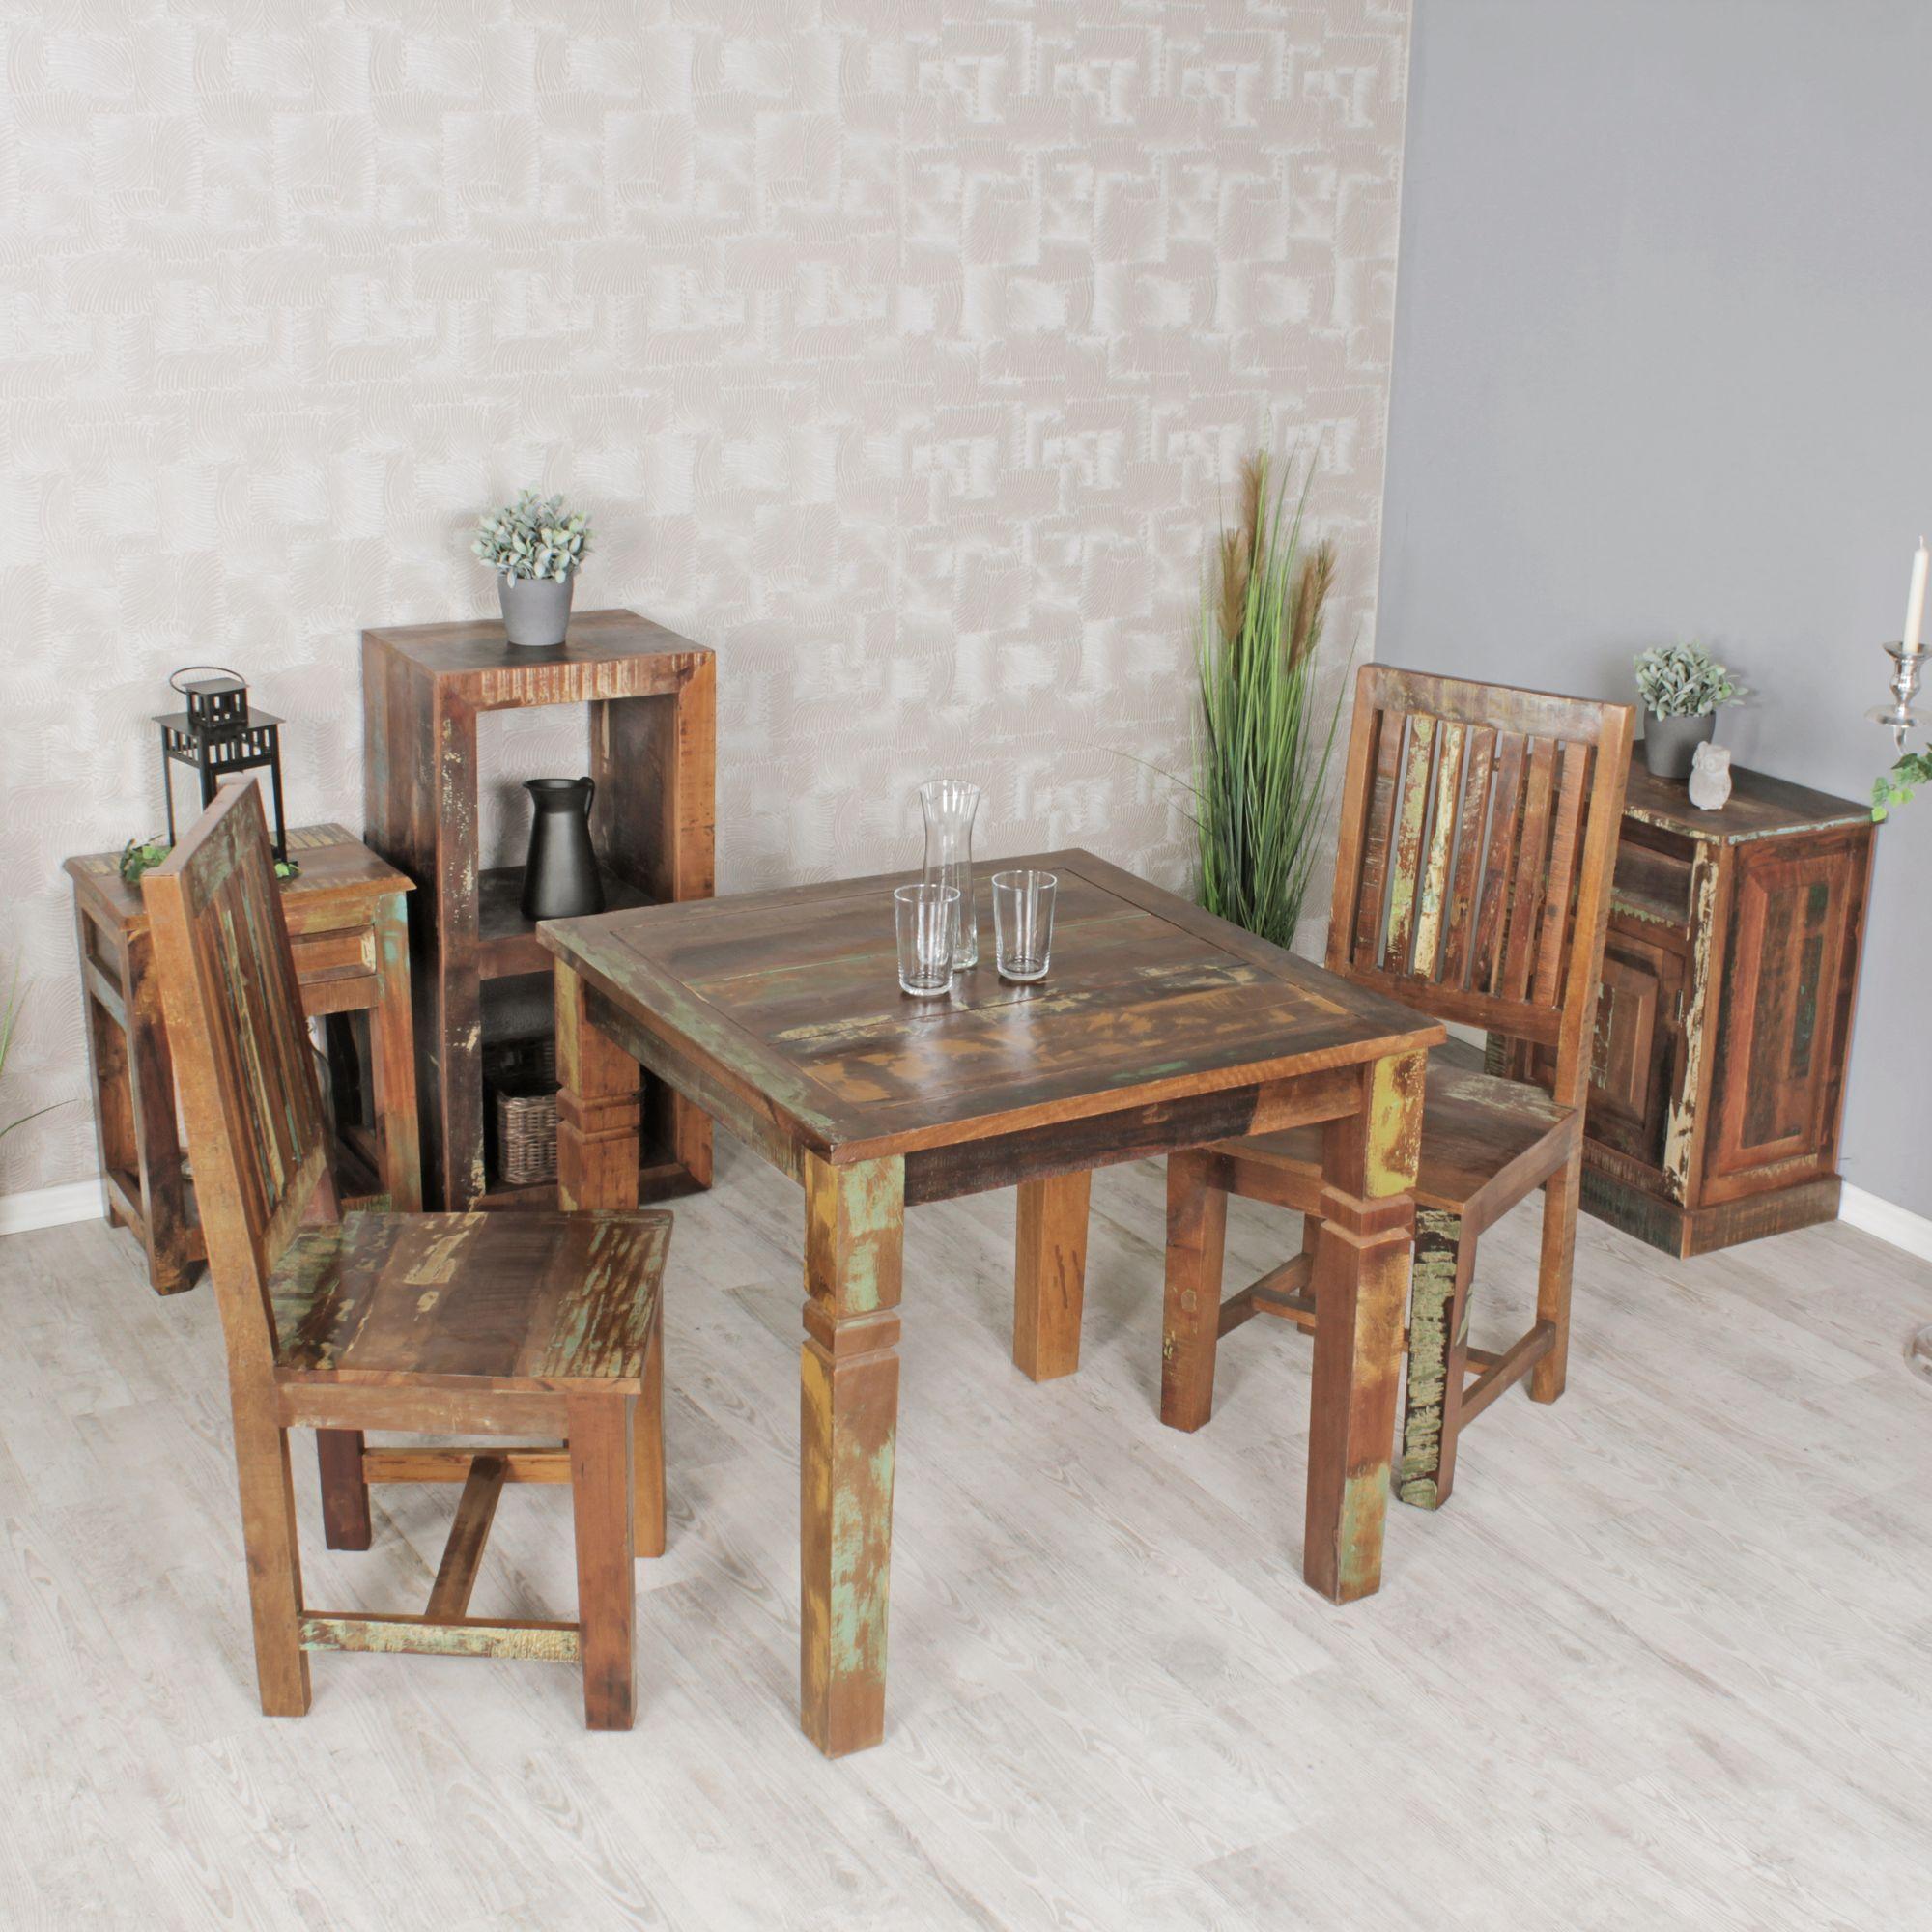 Full Size of Esstisch Shabby Finebuy 80 80cm Esszimmertisch Tisch Bootsholz Designer Lampen Runde Esstische Stühle Sofa Für Modern 2m Betonplatte Massiver Weiß Esstische Esstisch Shabby